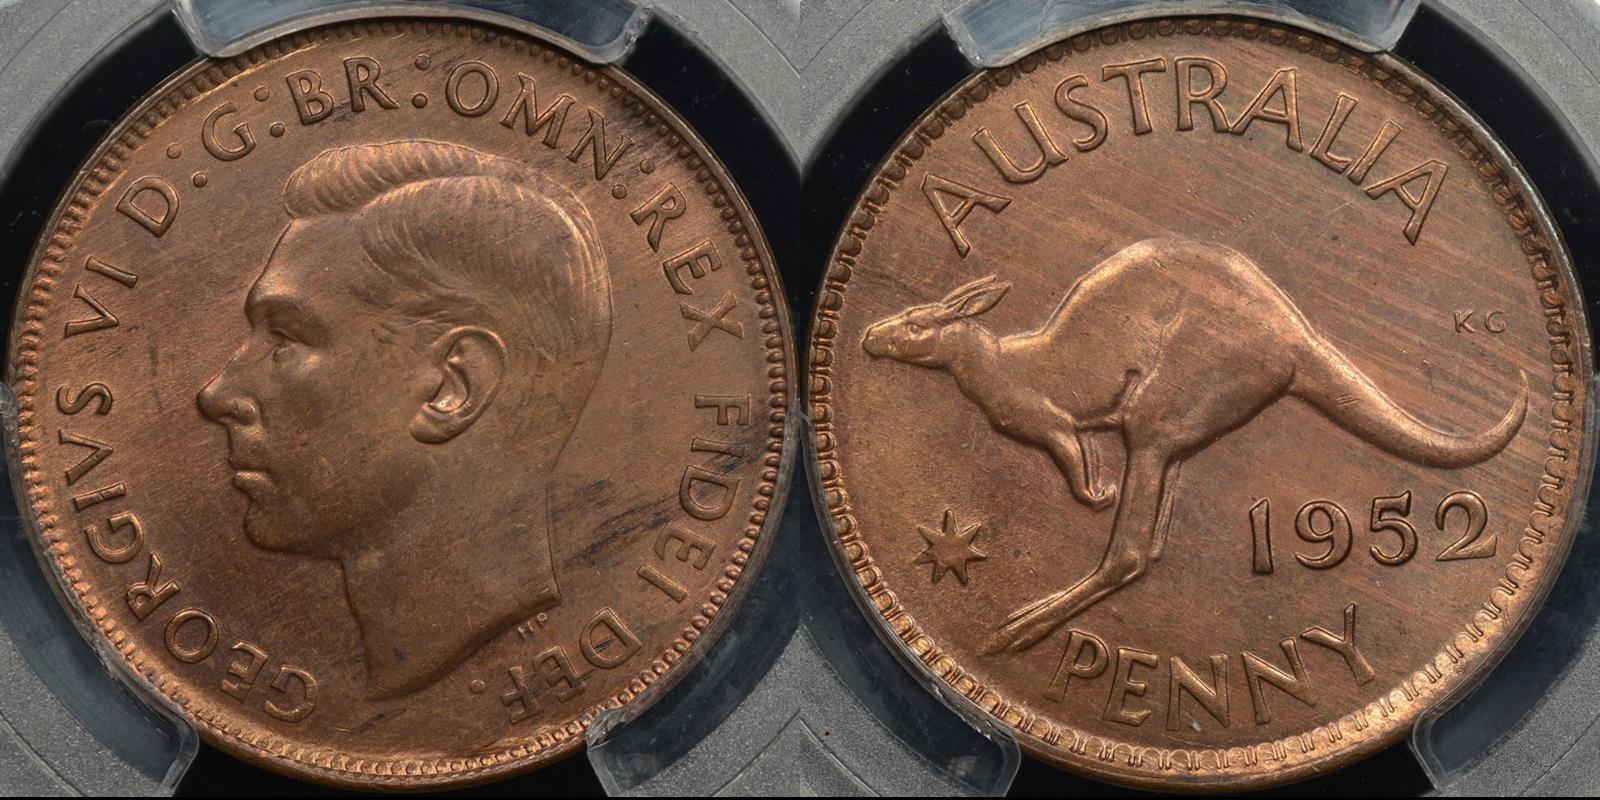 Australia 1952m penny 1d GEM Uncirculated PCGS MS64rb